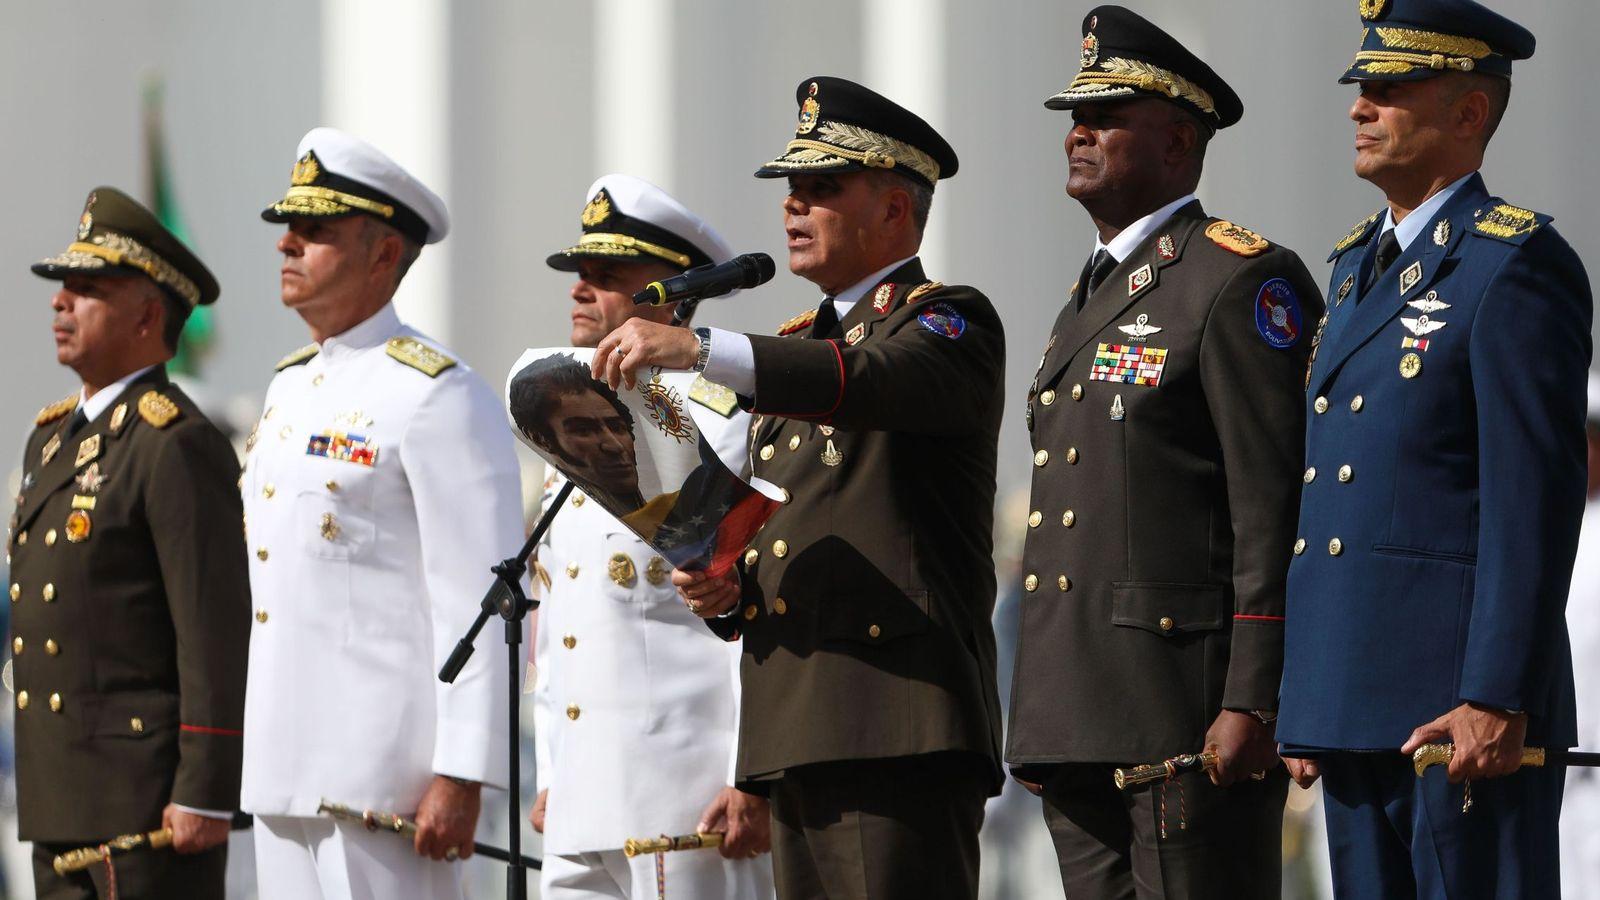 Foto: El ministro de Defensa de Venezuela, Vladimir Padrino, lee el juramento de las Fuerzas Armadas que reconoce a Nicolás Maduro como presidente para un segundo mandato, el pasado 10 de enero. (EFE)